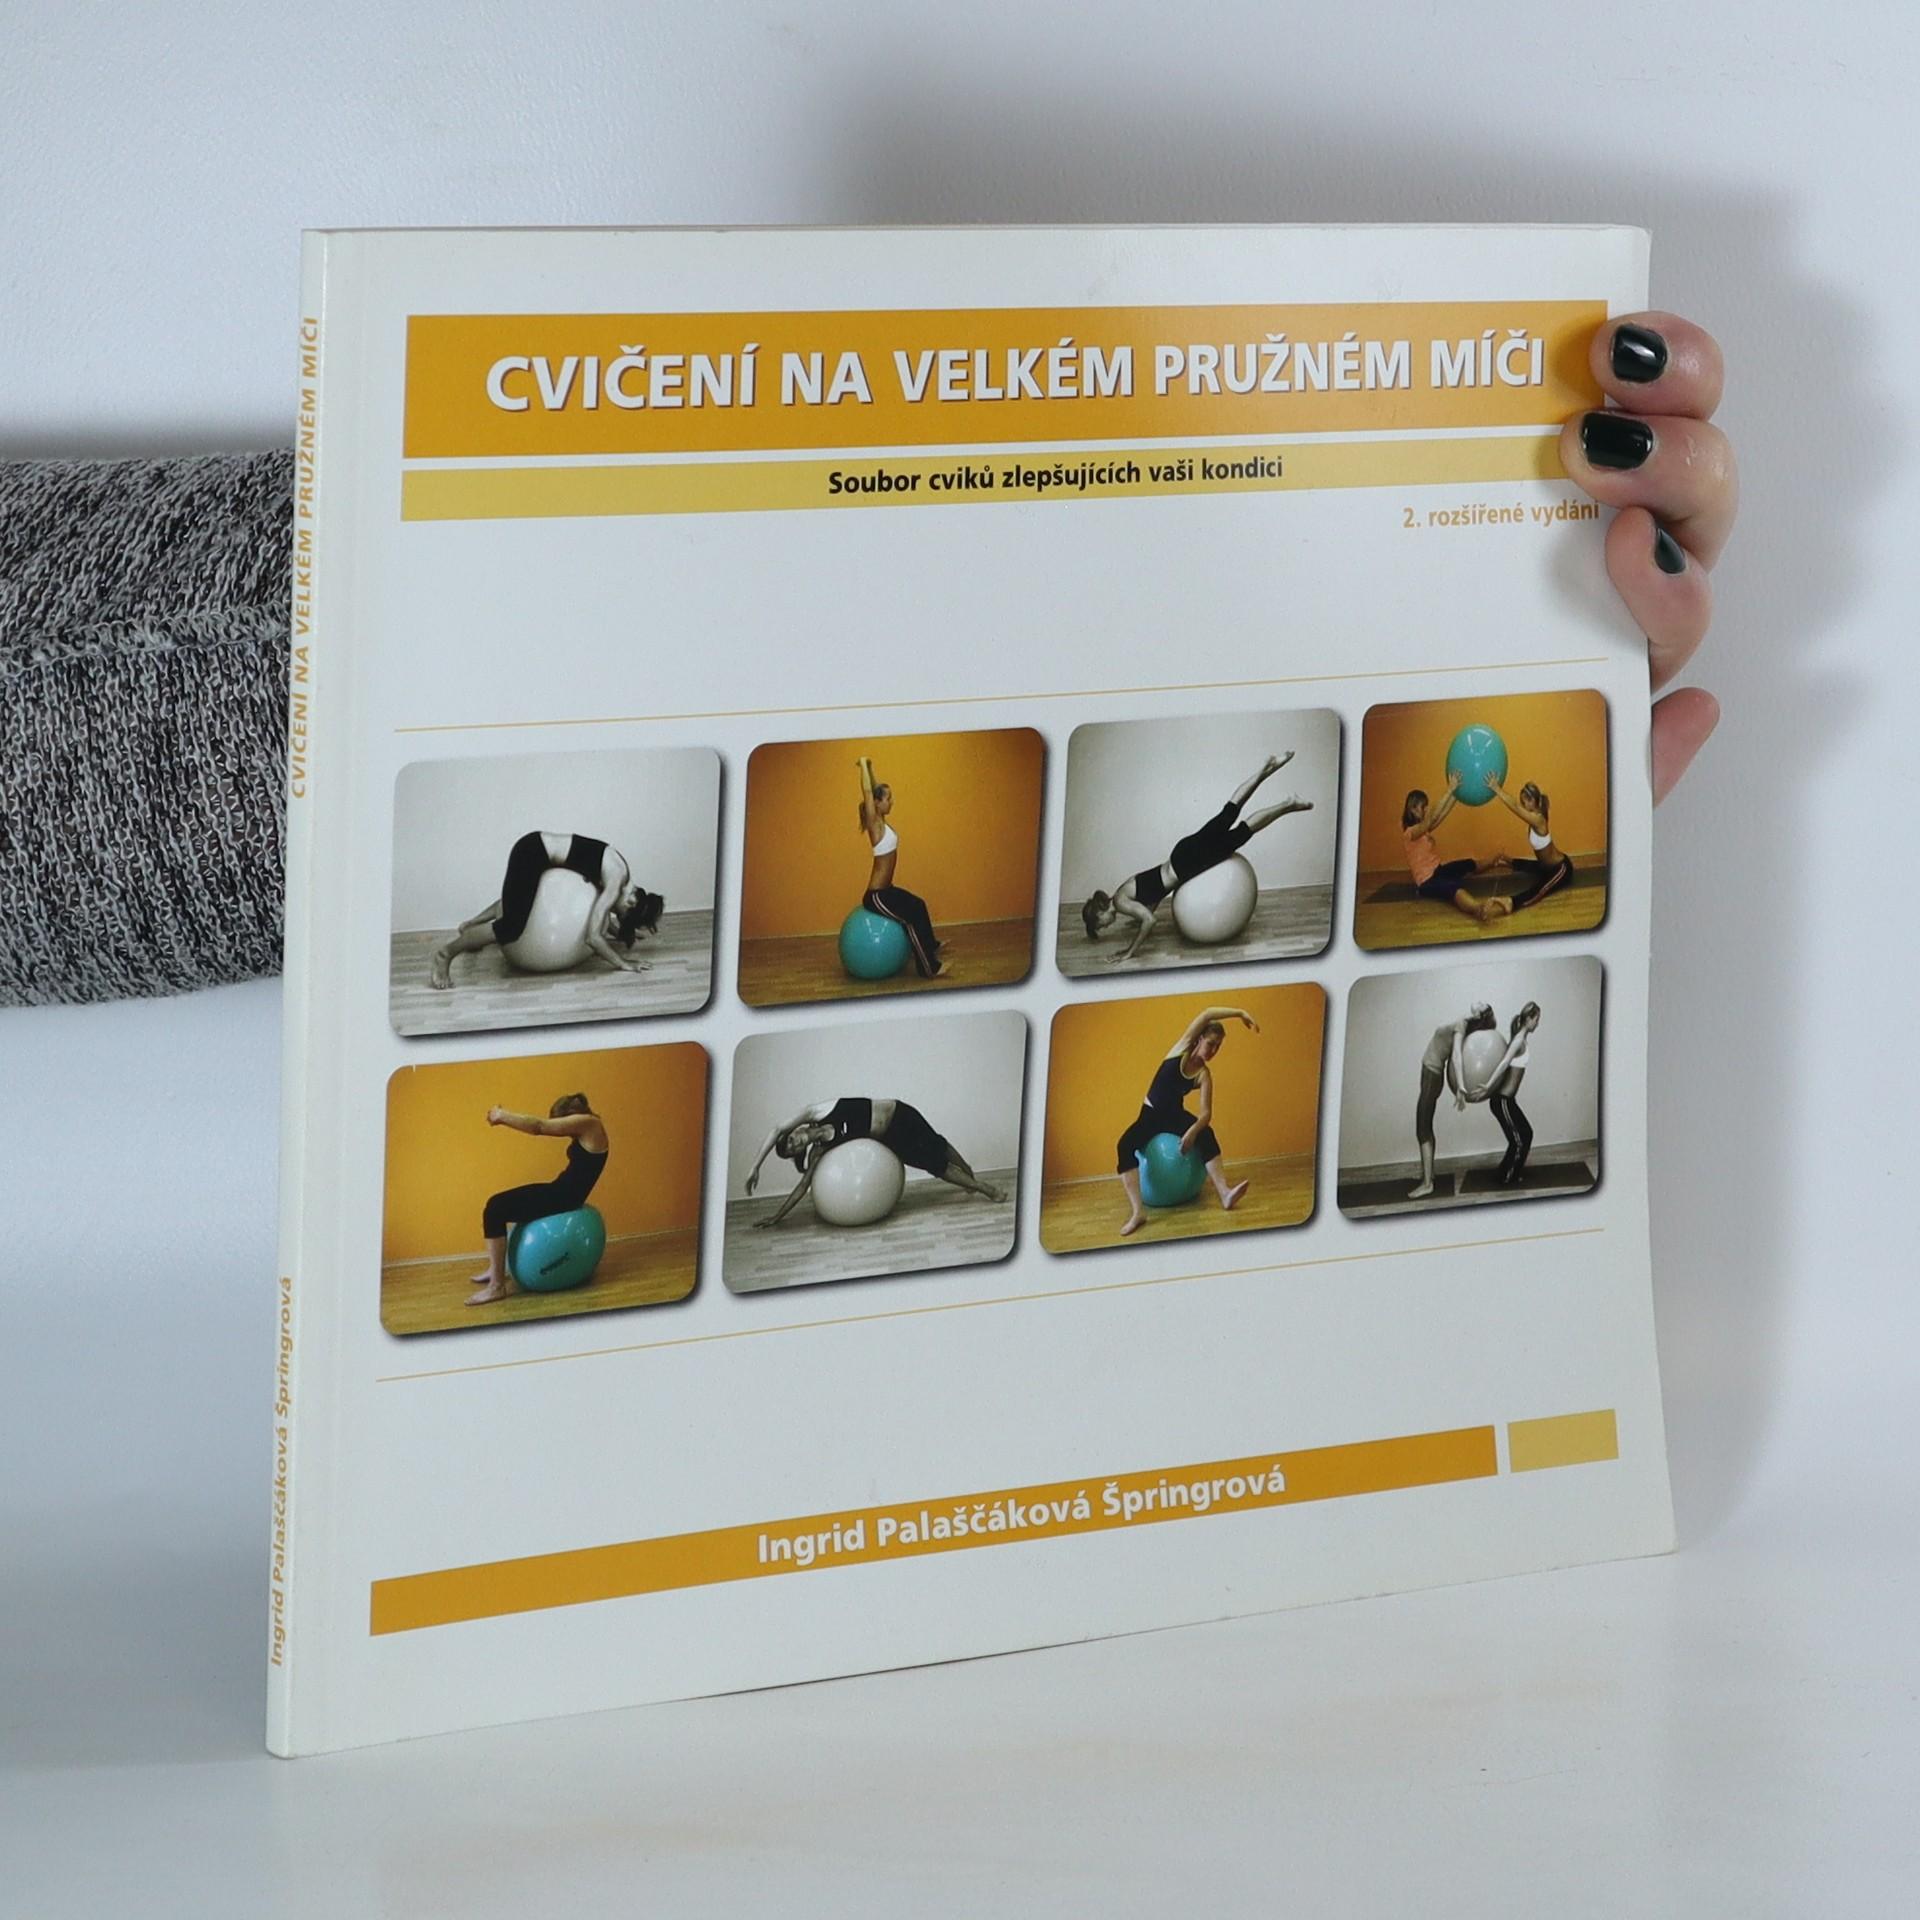 antikvární kniha Cvičení na velkém pružném míči. Soubor cviků zlepšujících vaši kondici, 2008